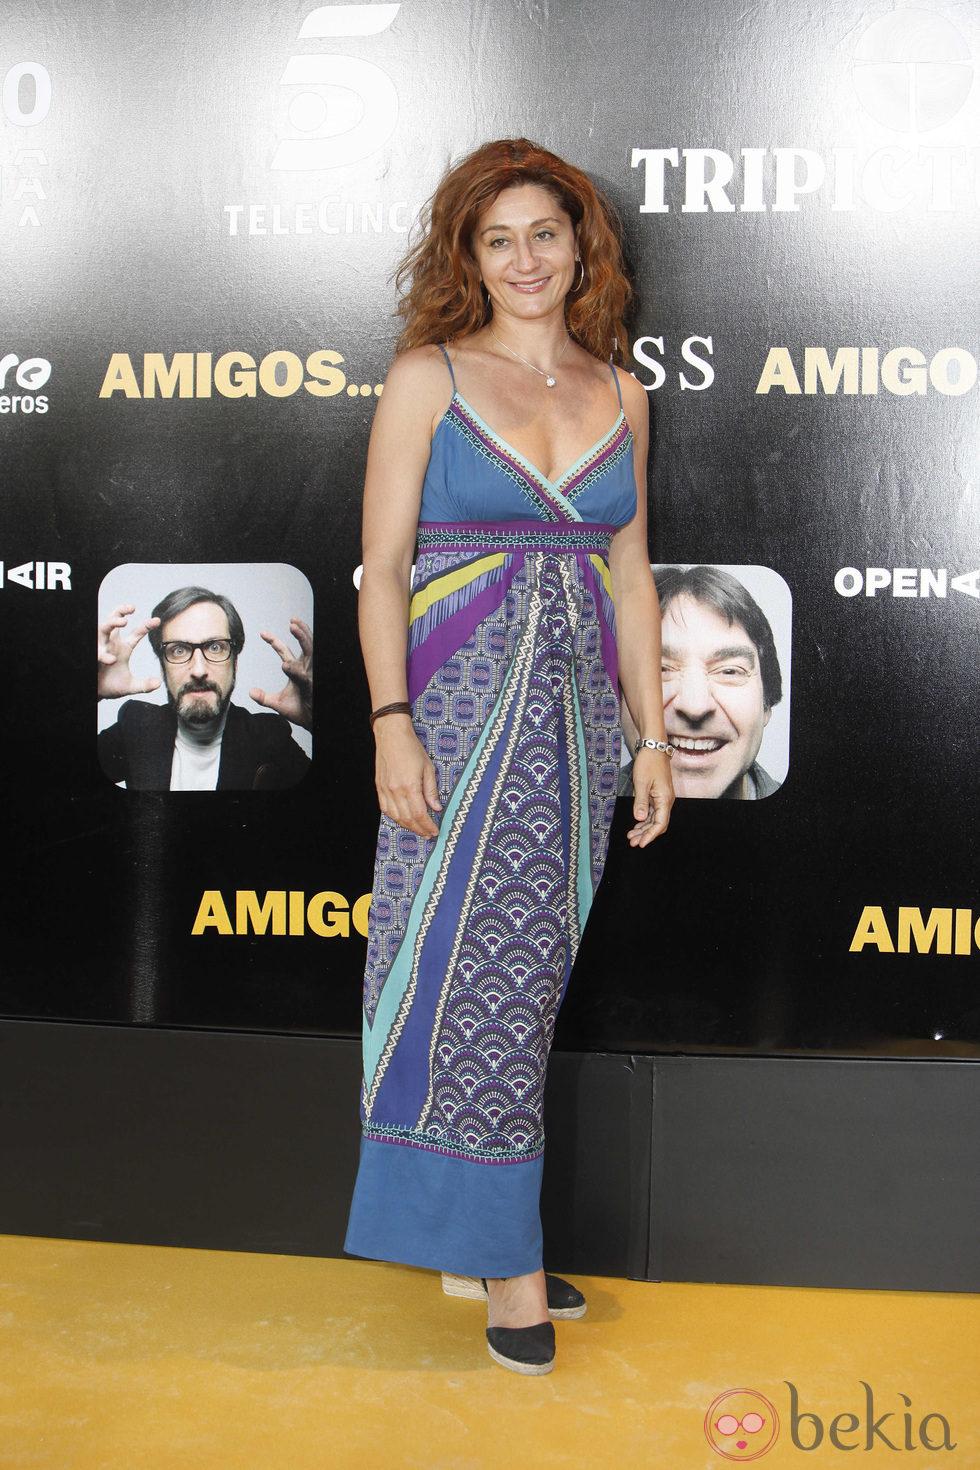 Chiqui Fernández en el estreno de 'Amigos'